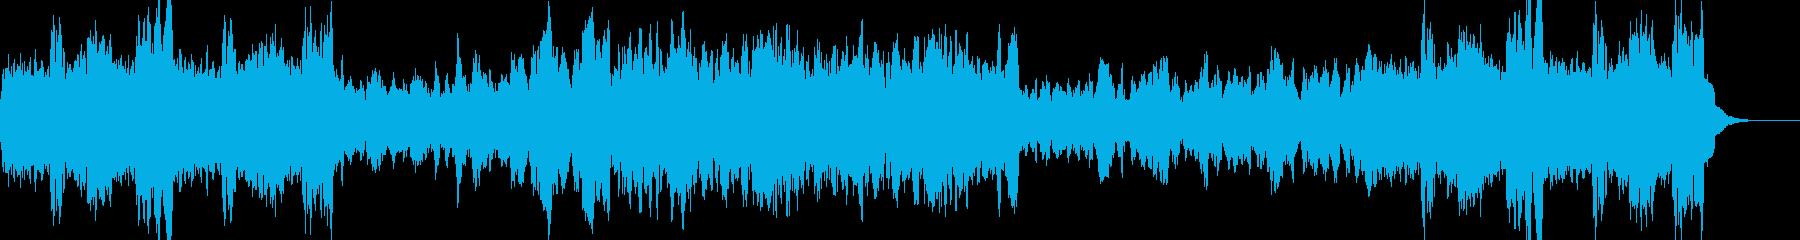 ジングルベル/オーケストラの再生済みの波形